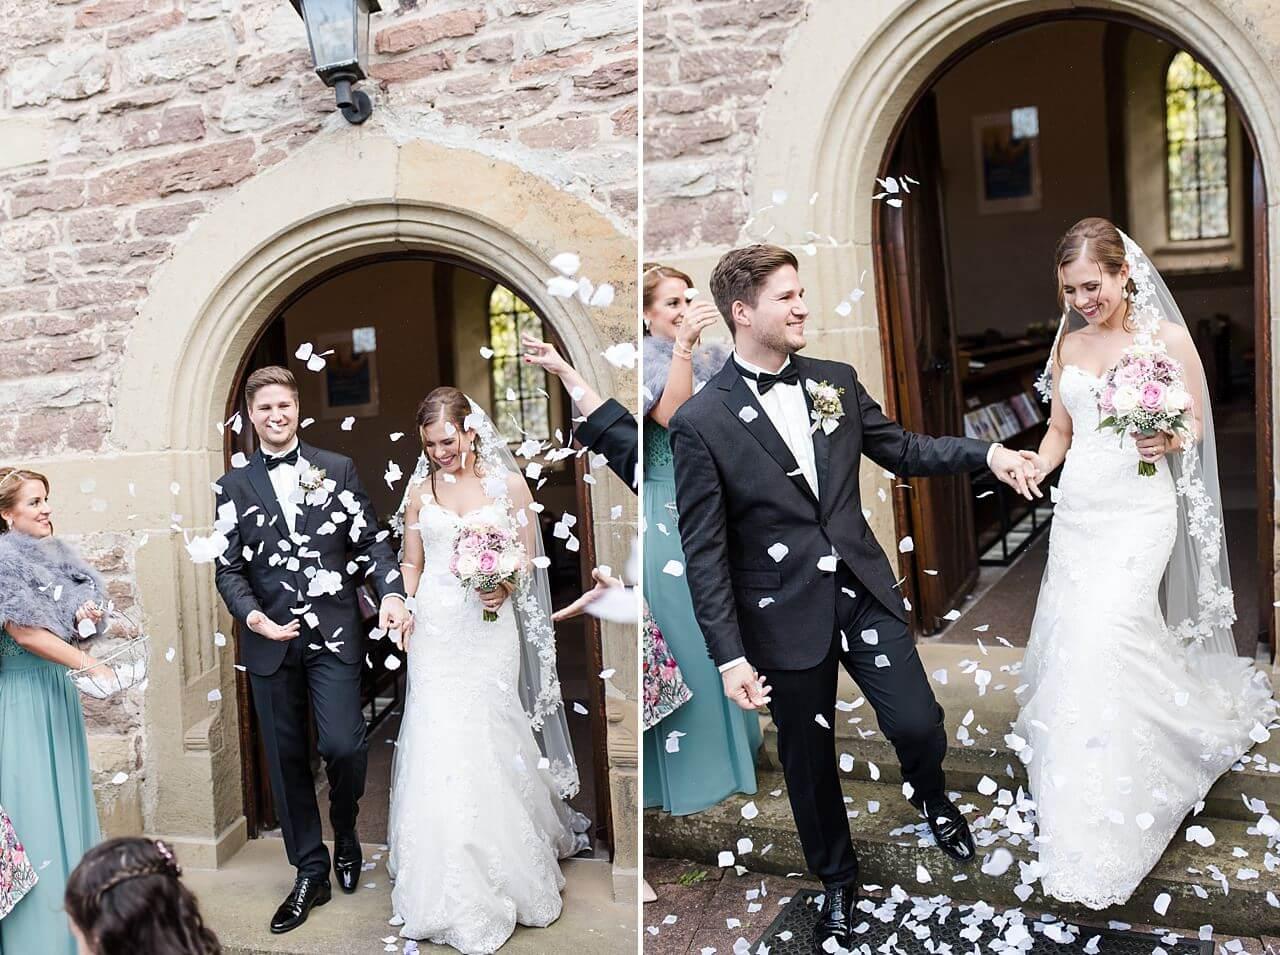 Rebecca Conte Fotografie: Griechisch-deutsche Hochzeit Steinbachhof 28